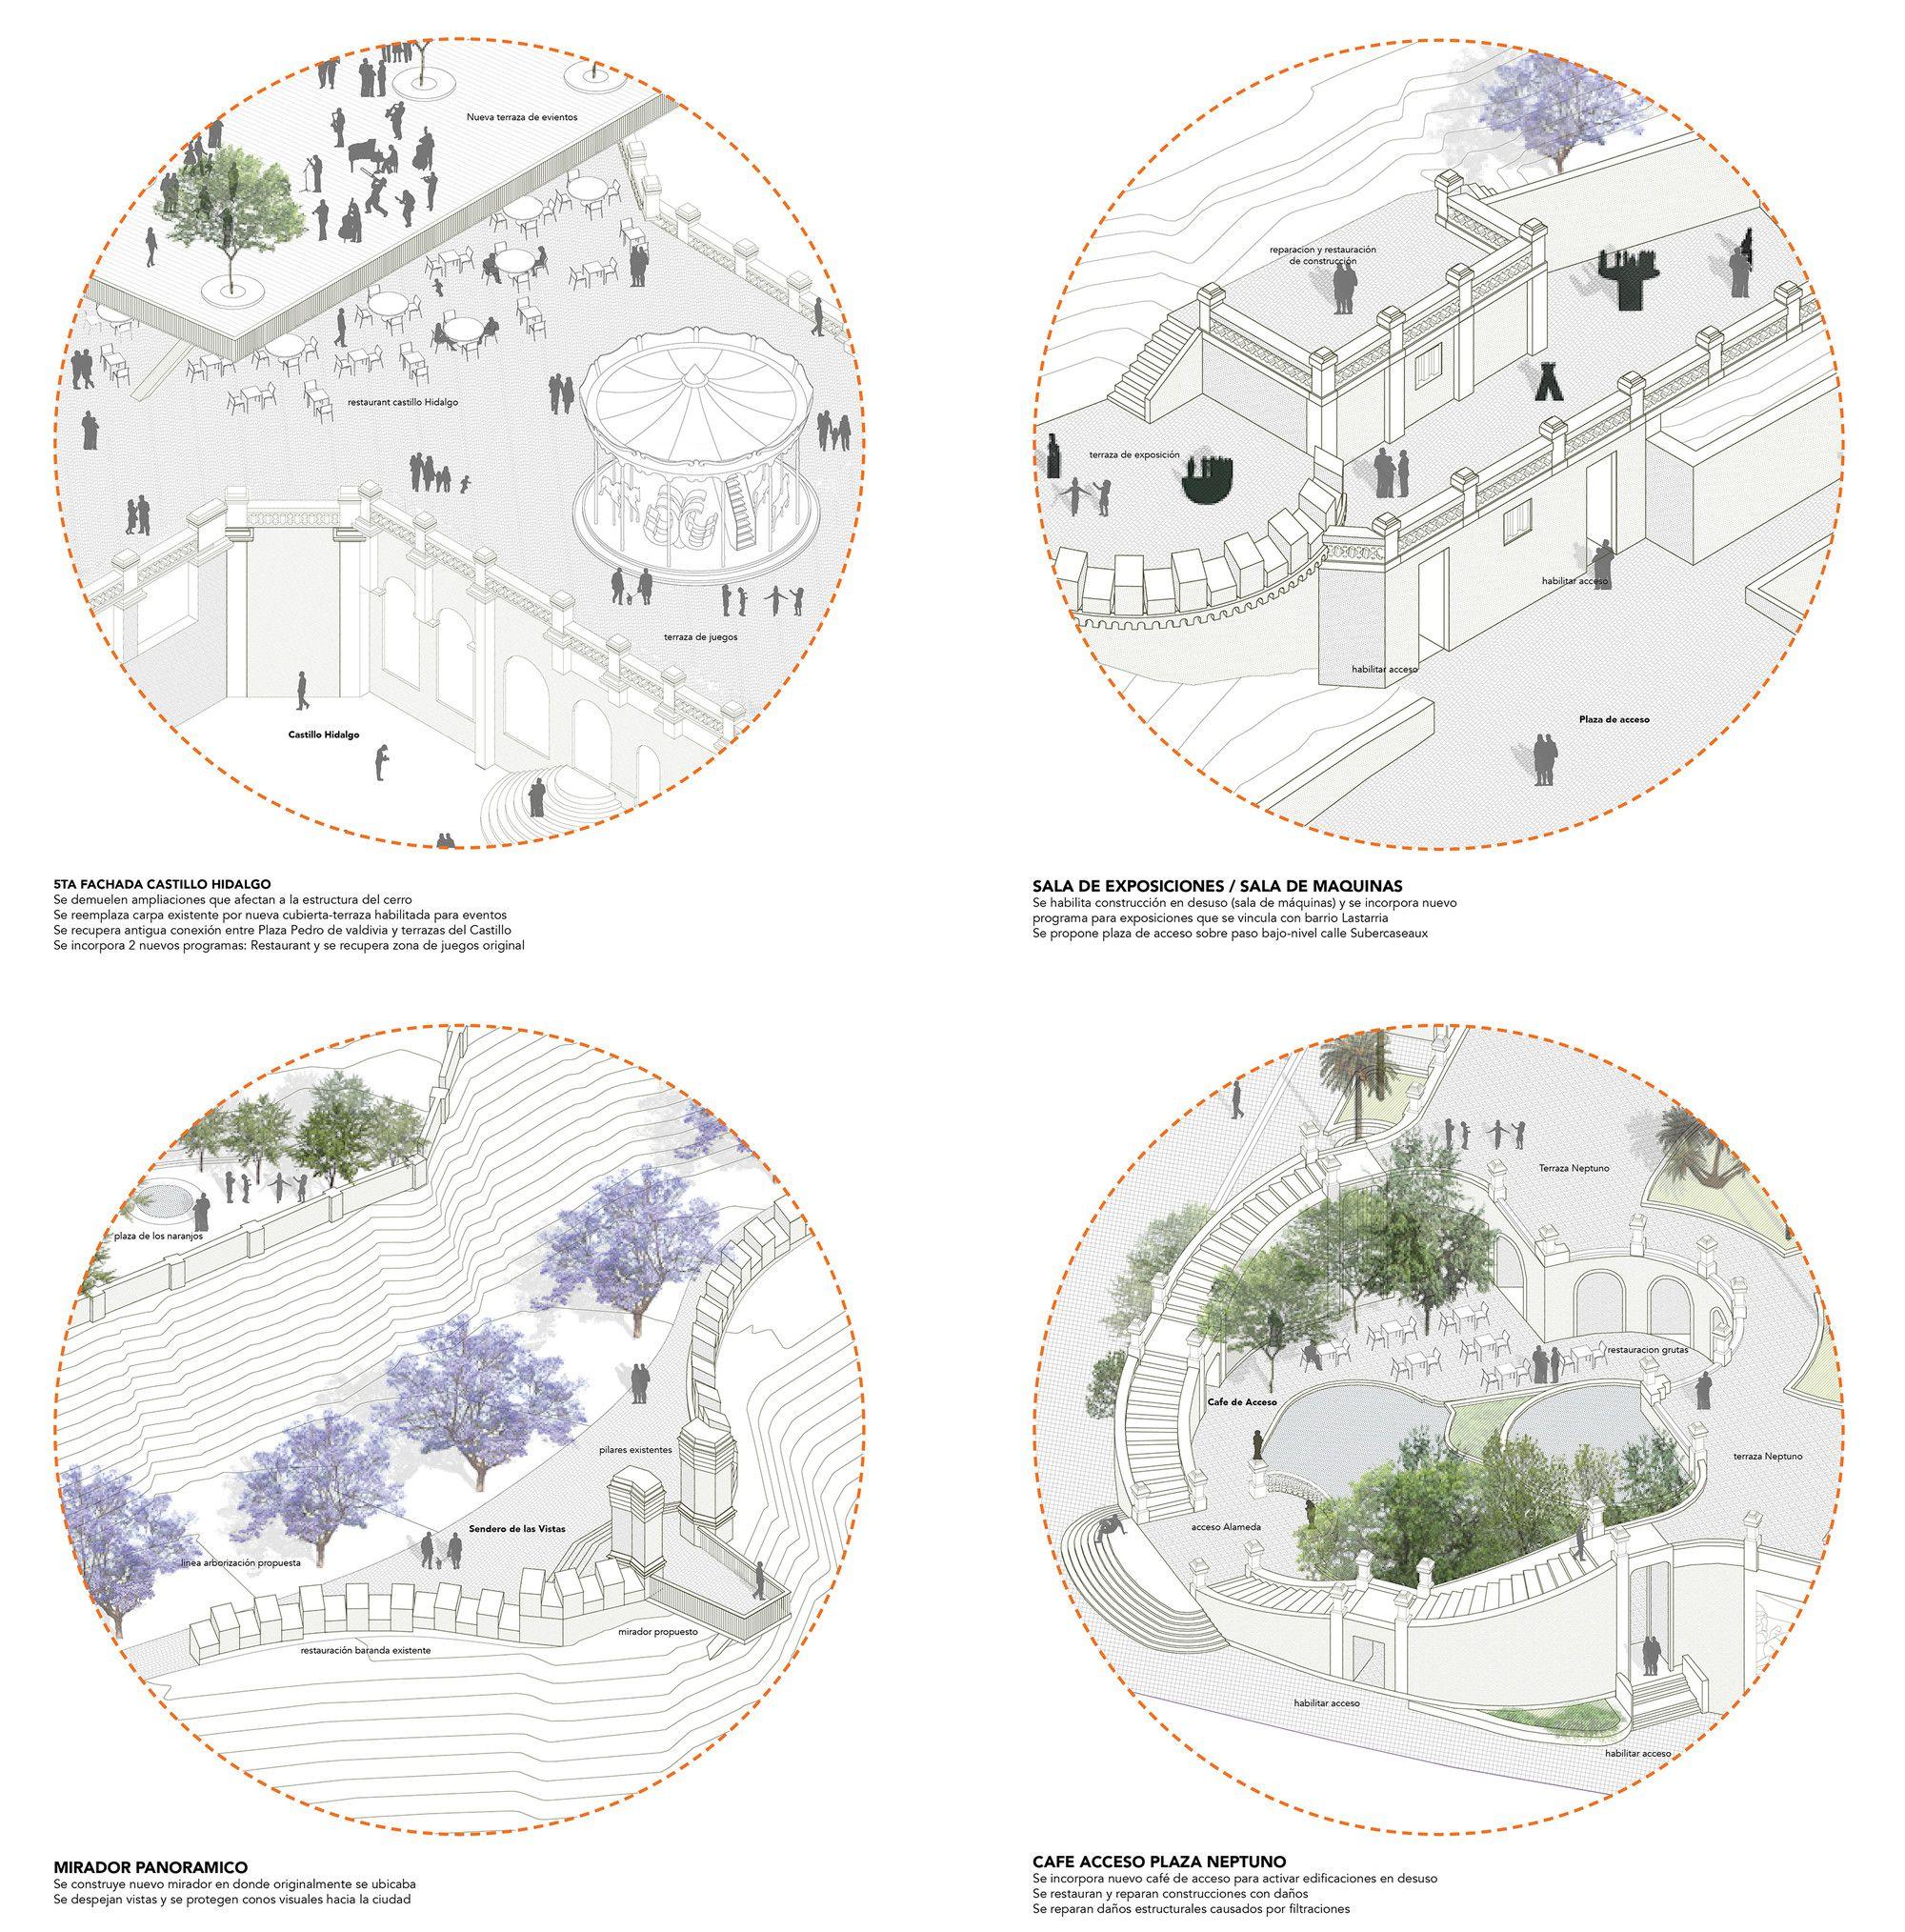 Galería - Jadue Livingstone + Juan Hurtado Arquitectos, primer lugar en concurso de ideas para Cerro Santa Lucía - 10